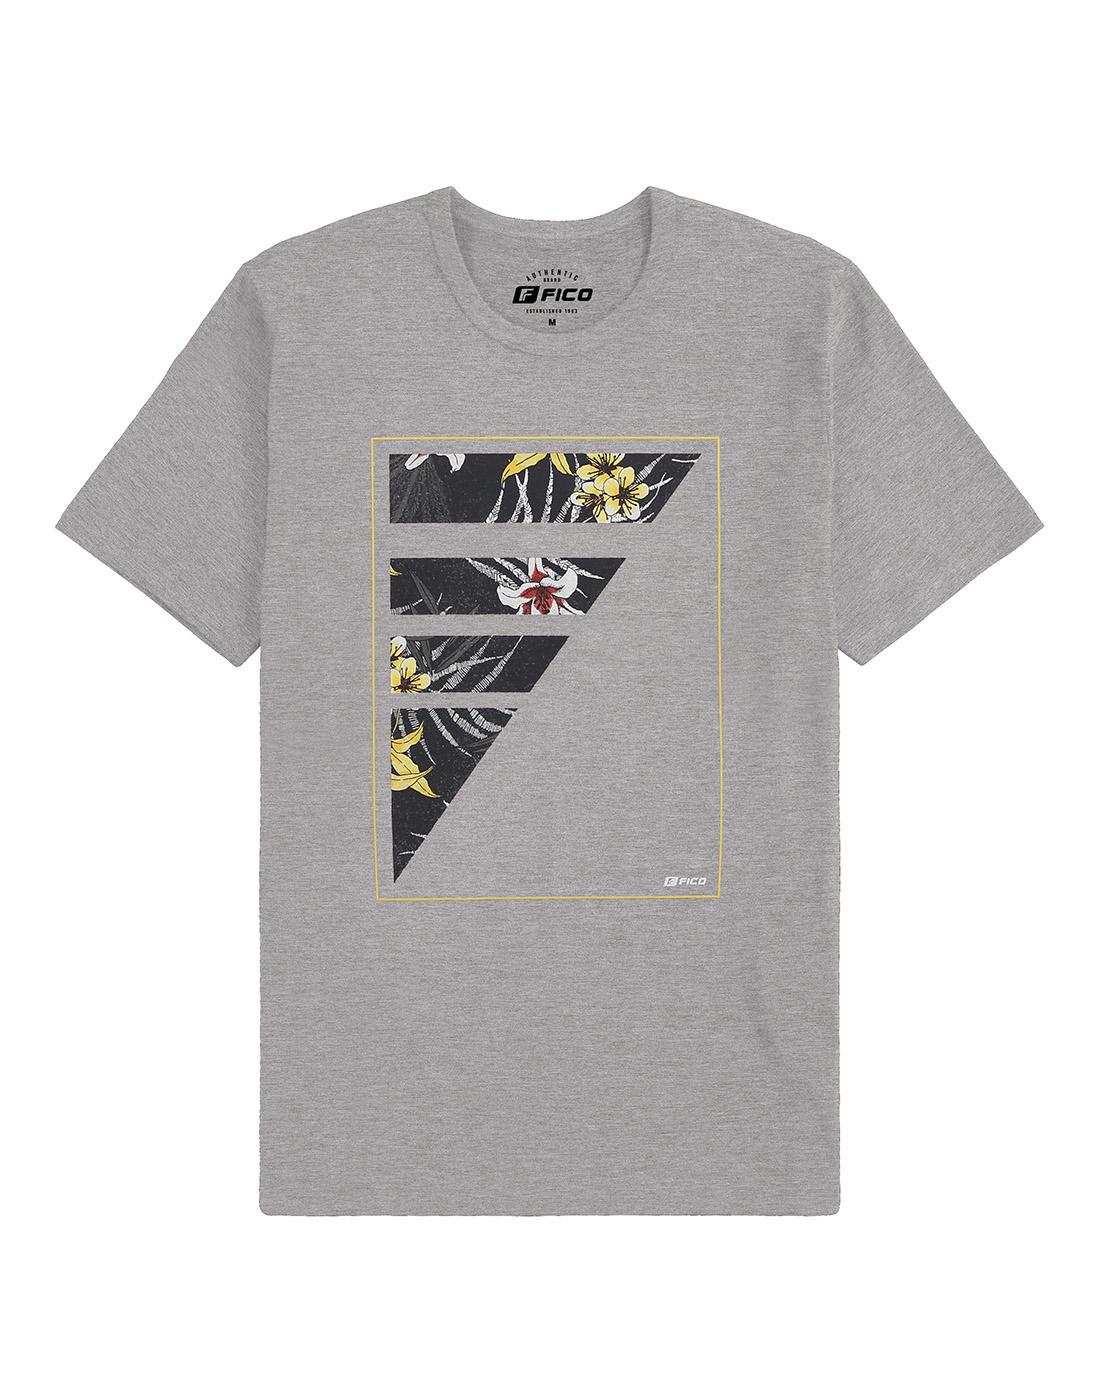 Camiseta Estampada Manga Curta Fico